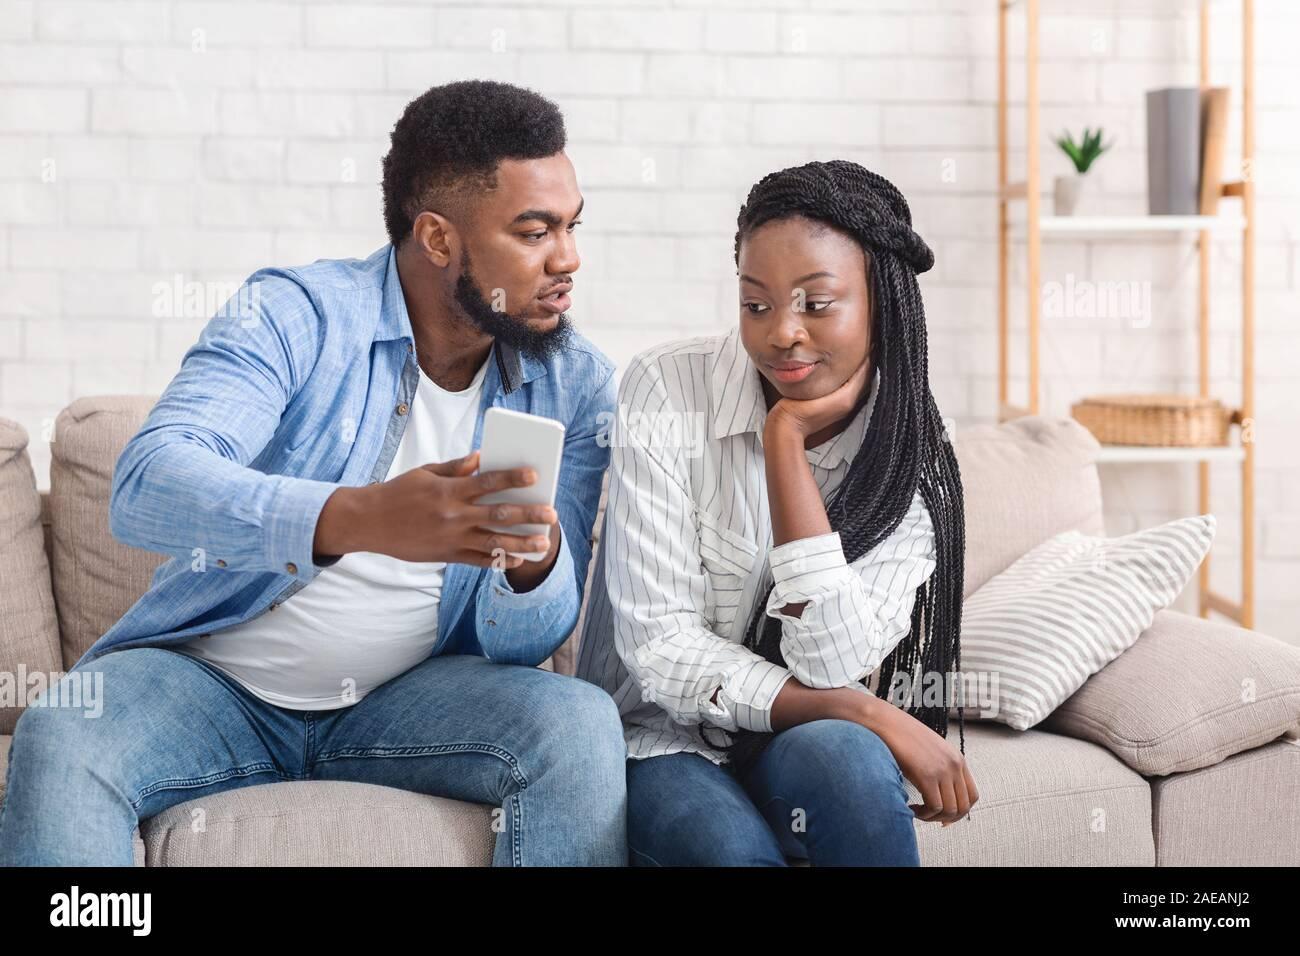 Novio celoso mostrando su novia engañando a su teléfono, exigiendo explicación Foto de stock